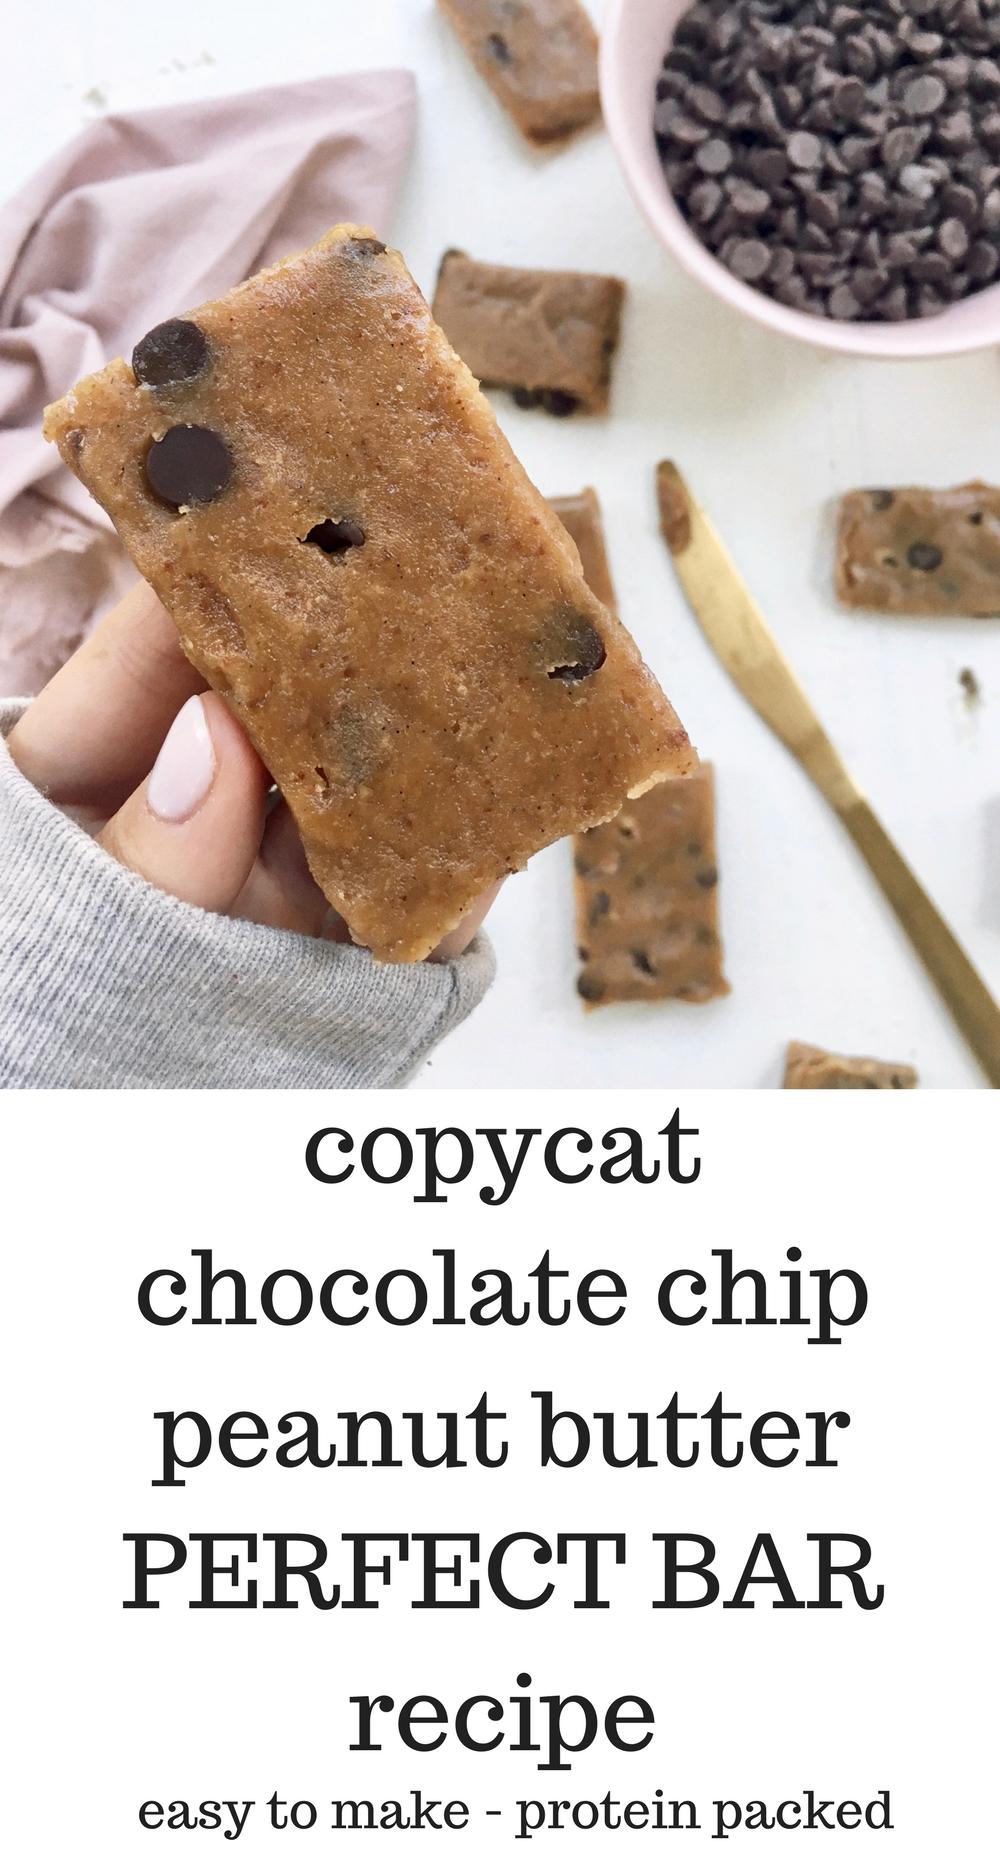 perfect bar copycat recipe